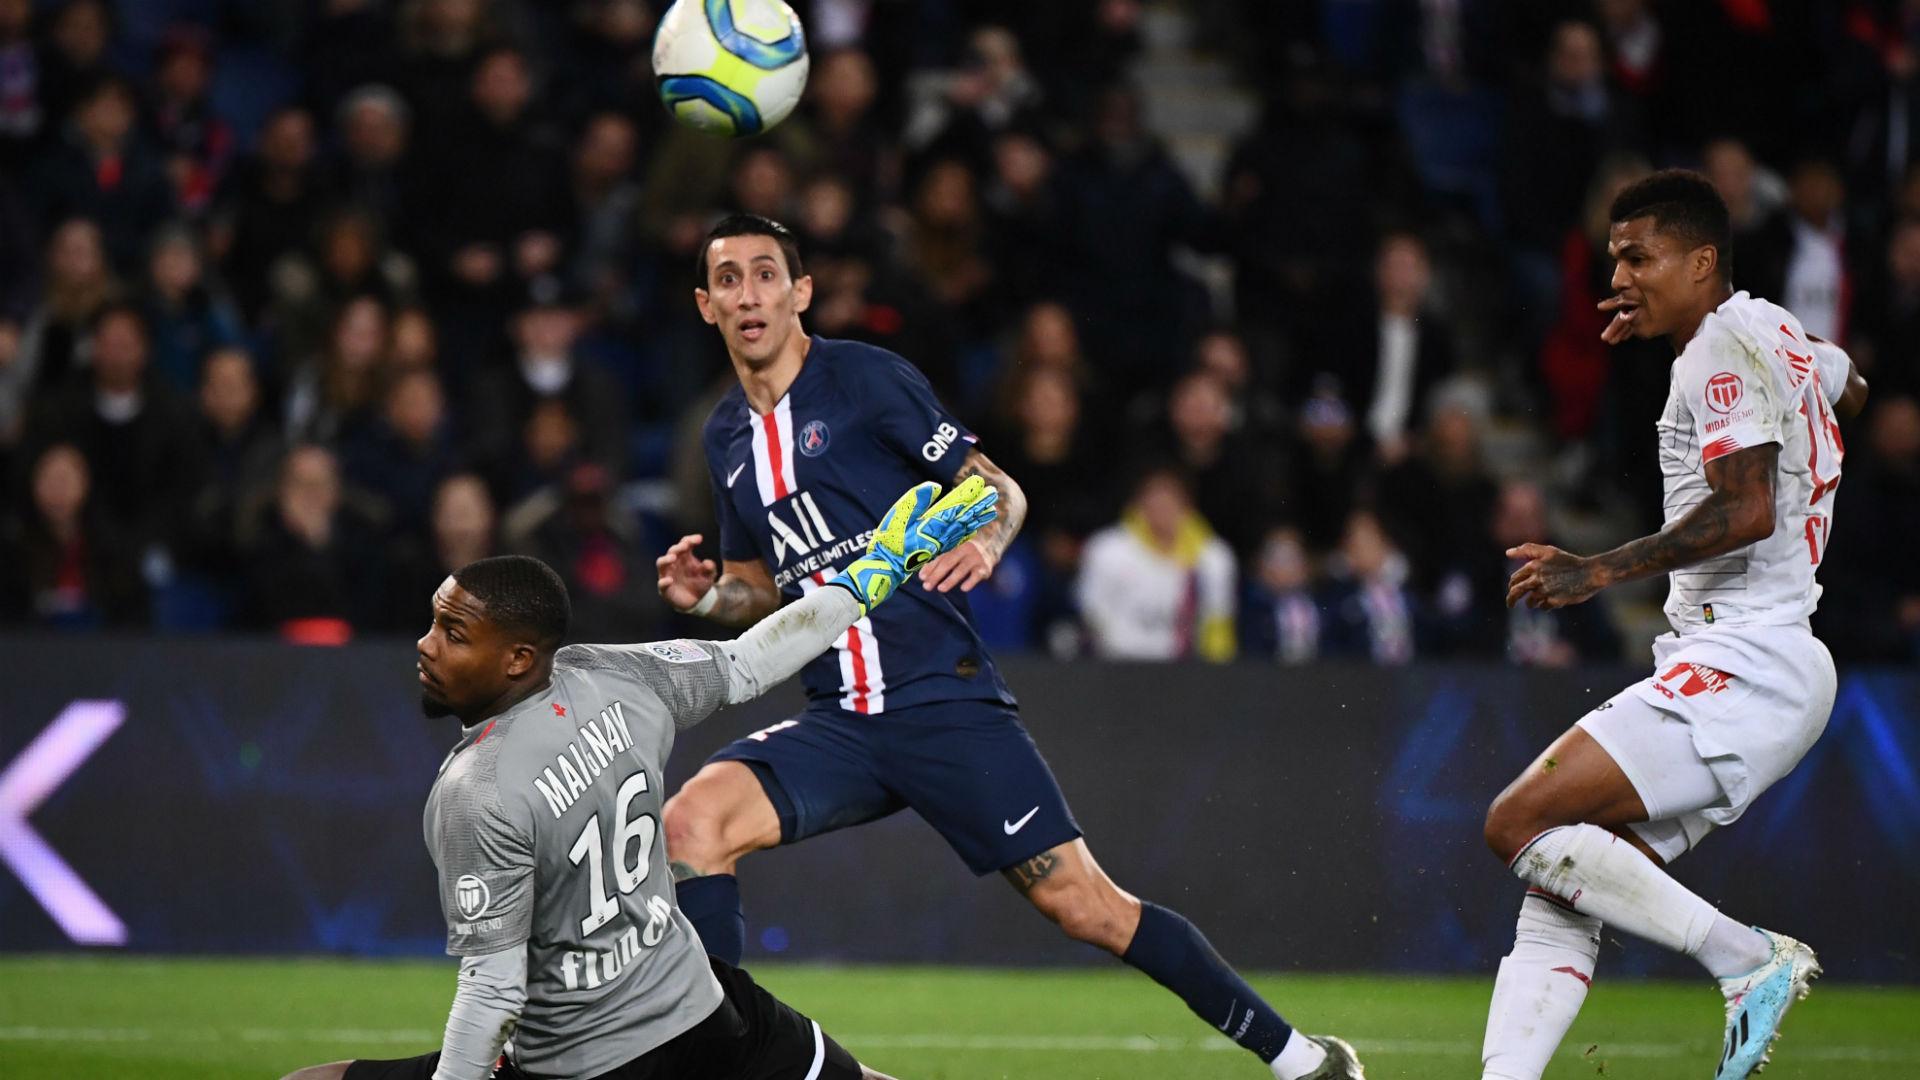 PSG-Lille (2-0) : sans trembler, Di Maria et les siens s'envolent en tête de la Ligue 1